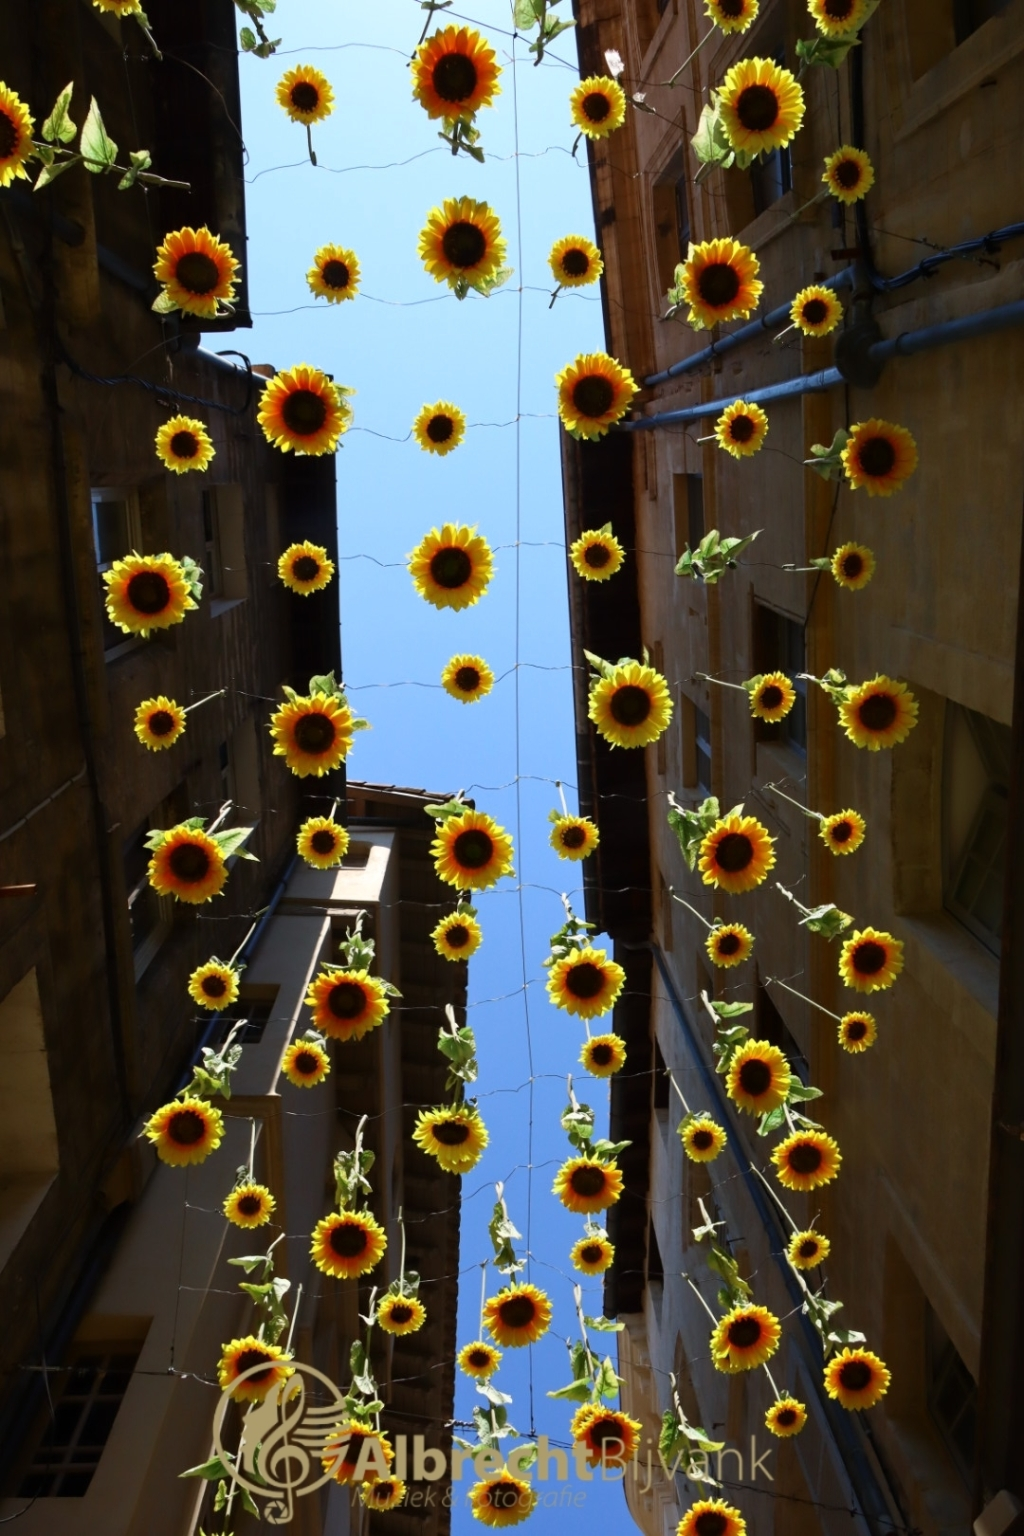 """,,De zonnebloemen vallen uit de lucht in Avignon, Frankrijk, bij 32 graden."""" Albrecht Bijvank © BDU Media"""